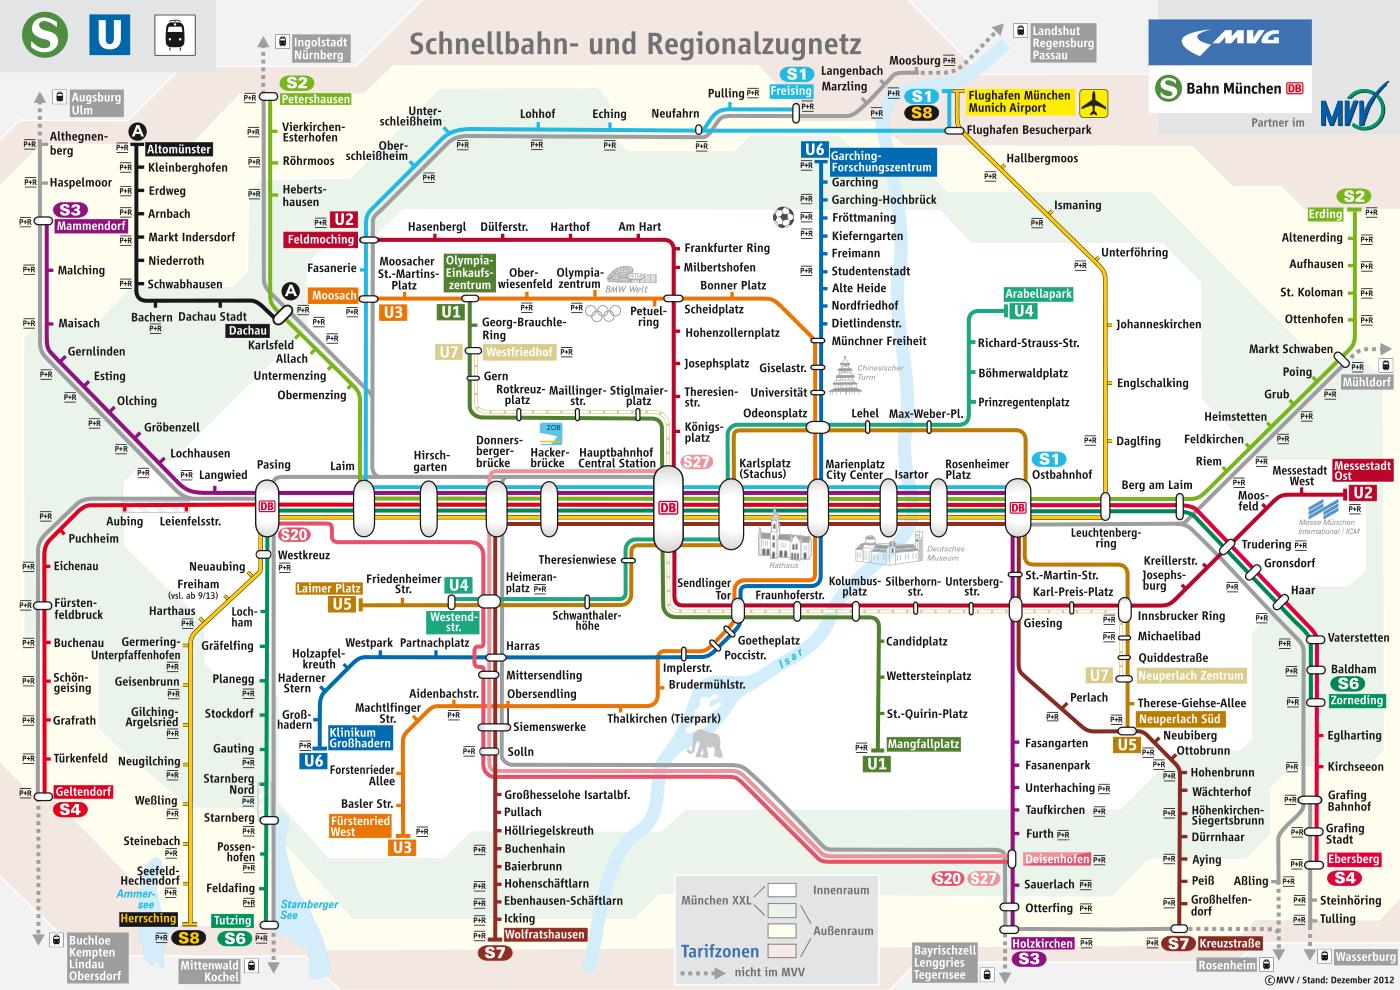 Munichs Metro Map Schnellbahn und Regionalzugnetz 2013